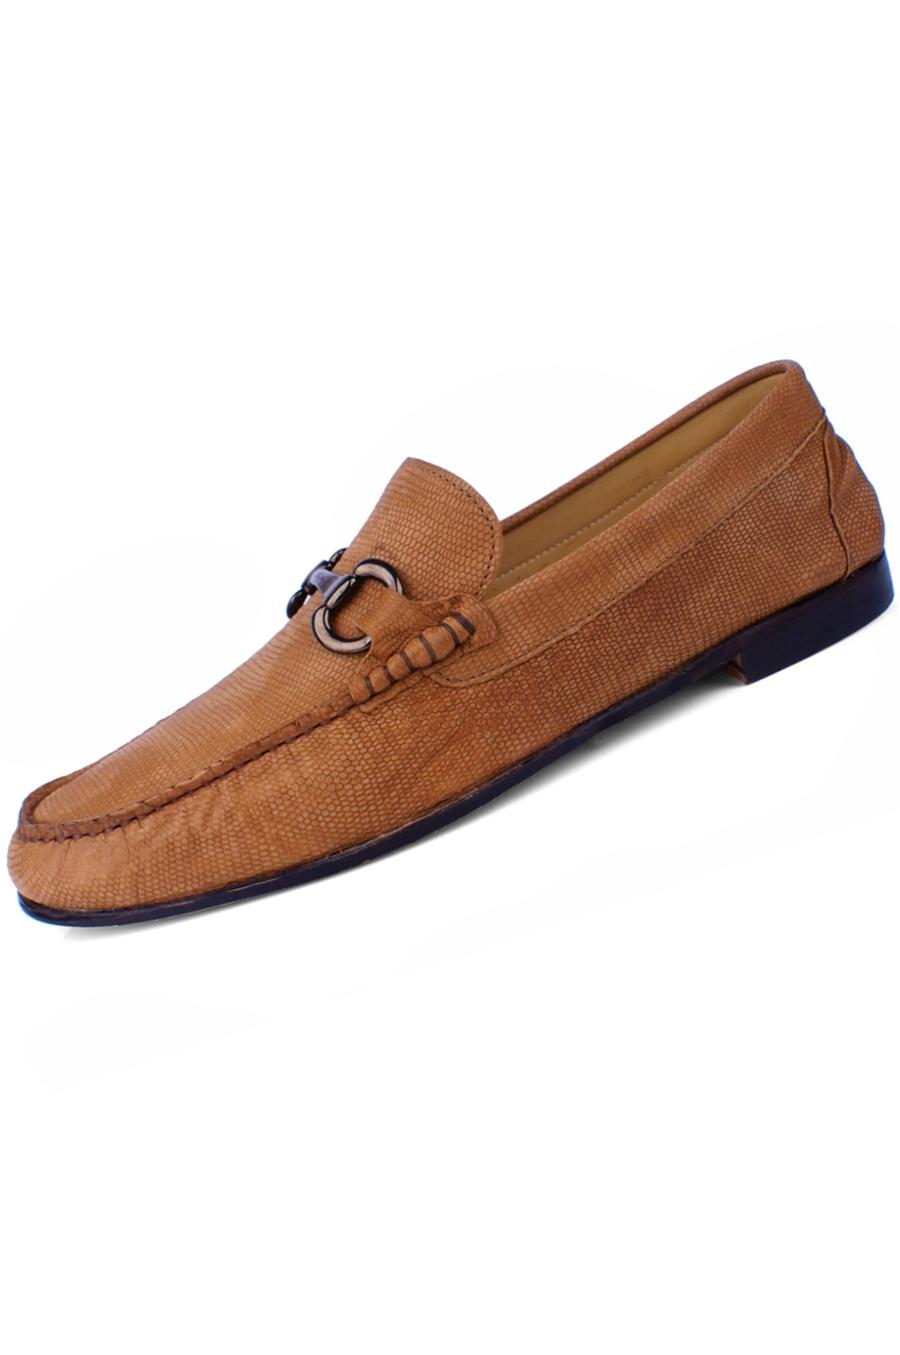 Fantasia Shoes Online